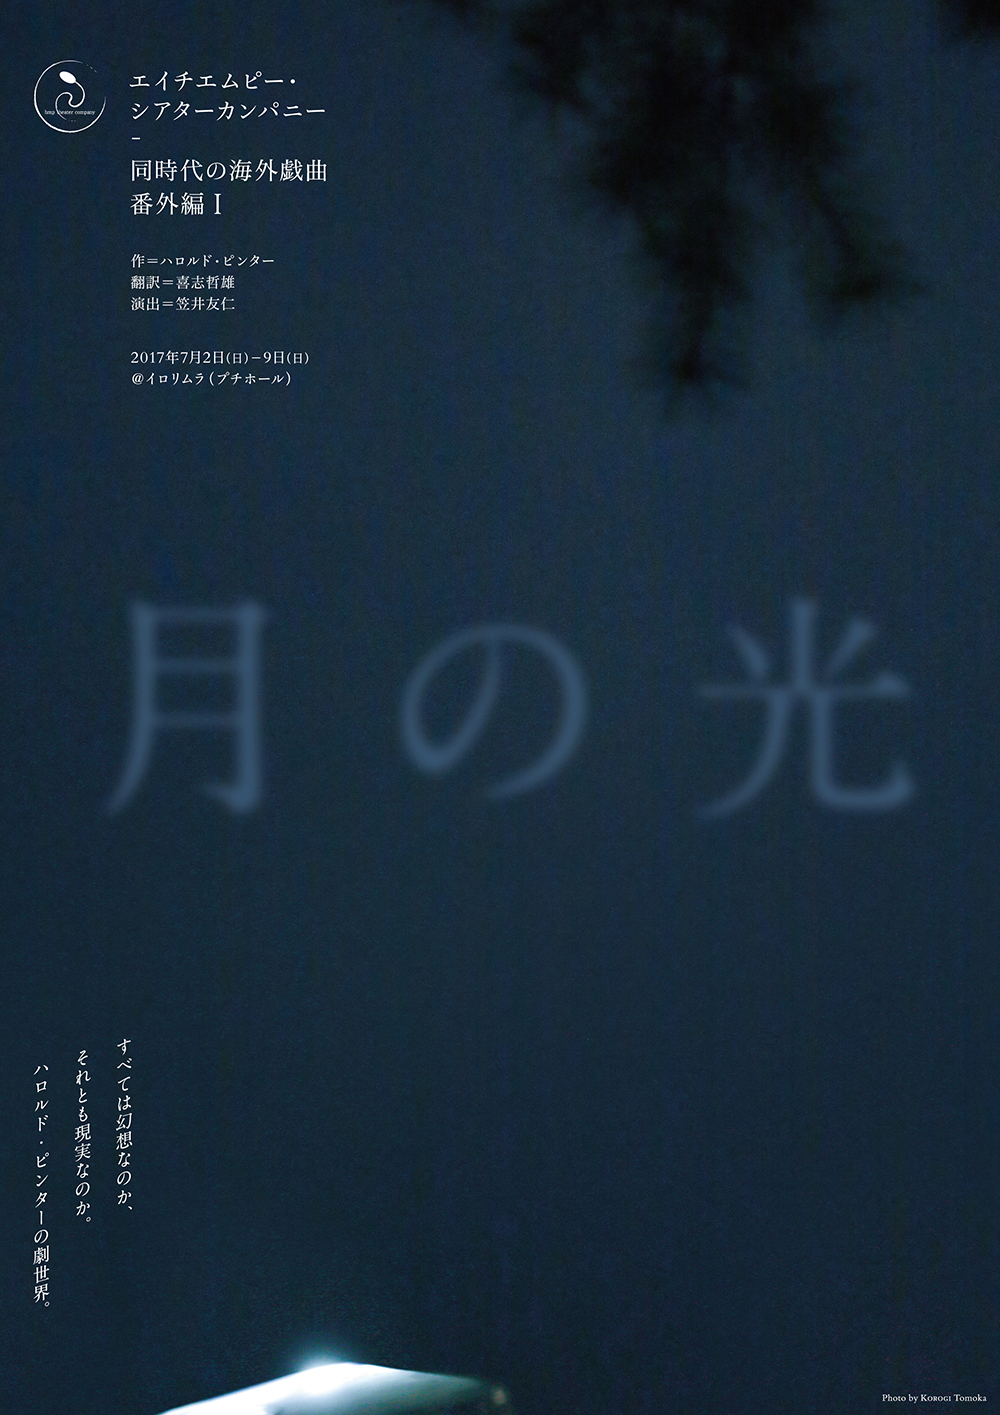 月の光_A4フライヤー_data-01